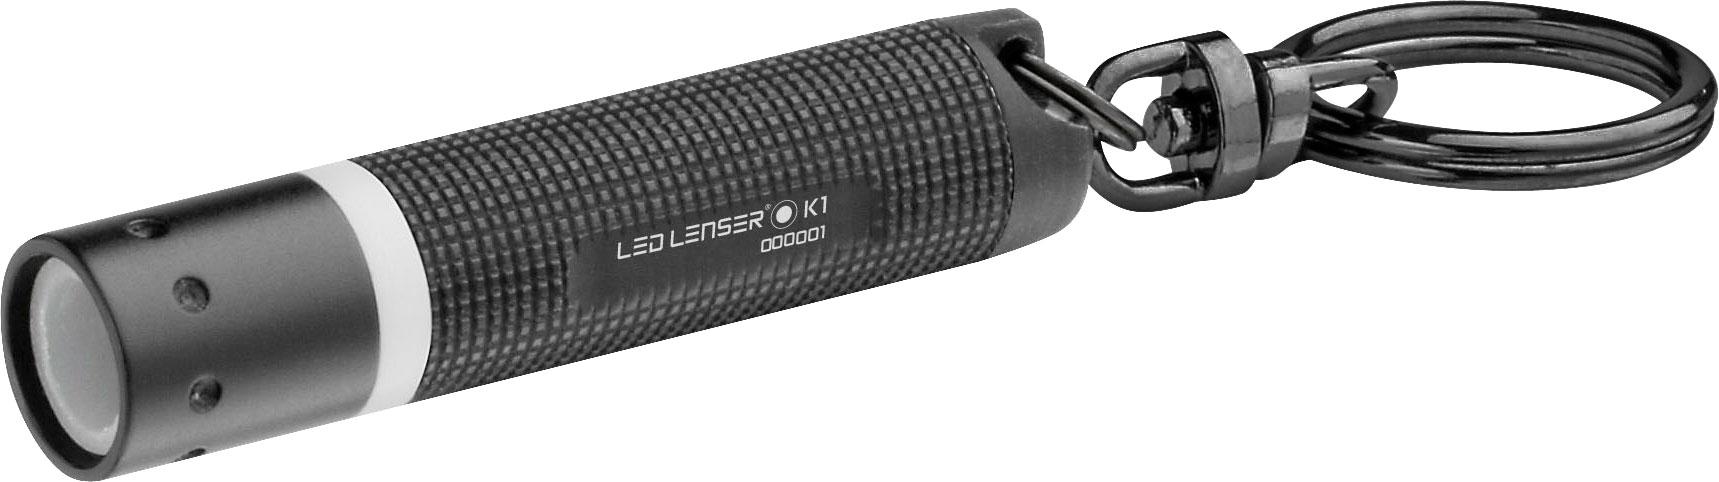 LedLenser LED LENSER K1L